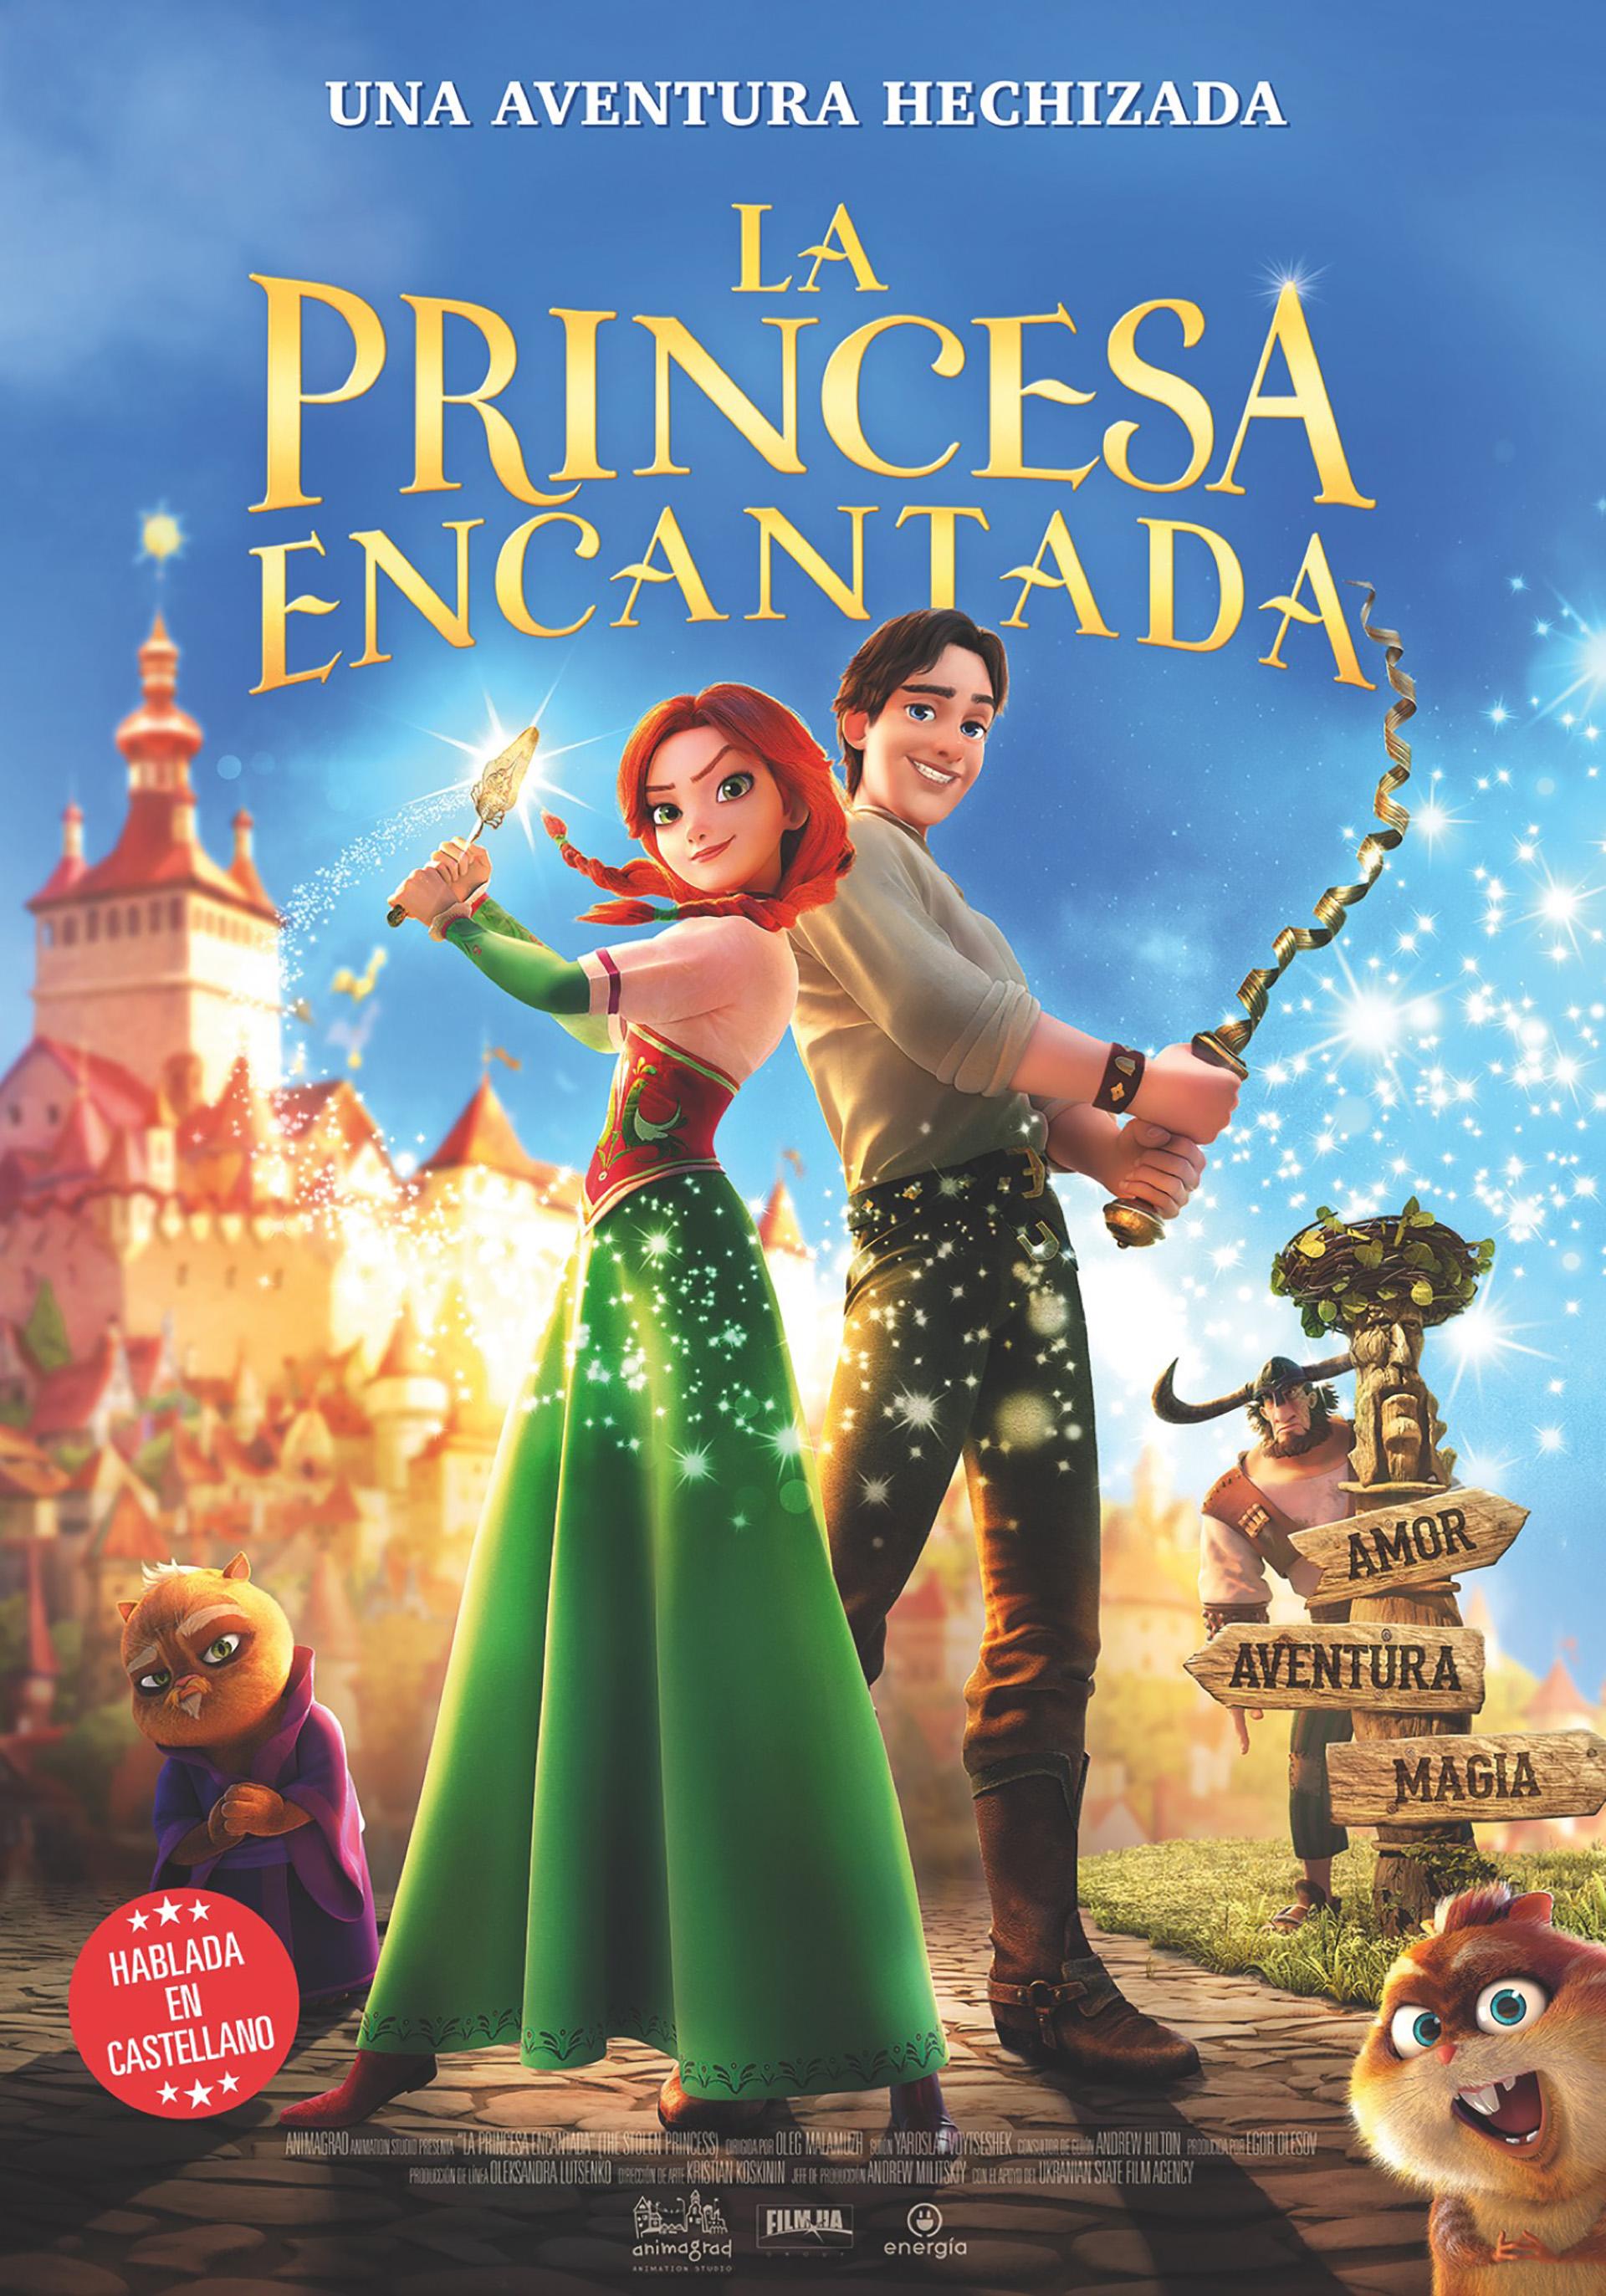 LA PRINCESA ENCANTADA, estrenó el 20 de Septiembre, parece para chicos pero es para toda la familia…